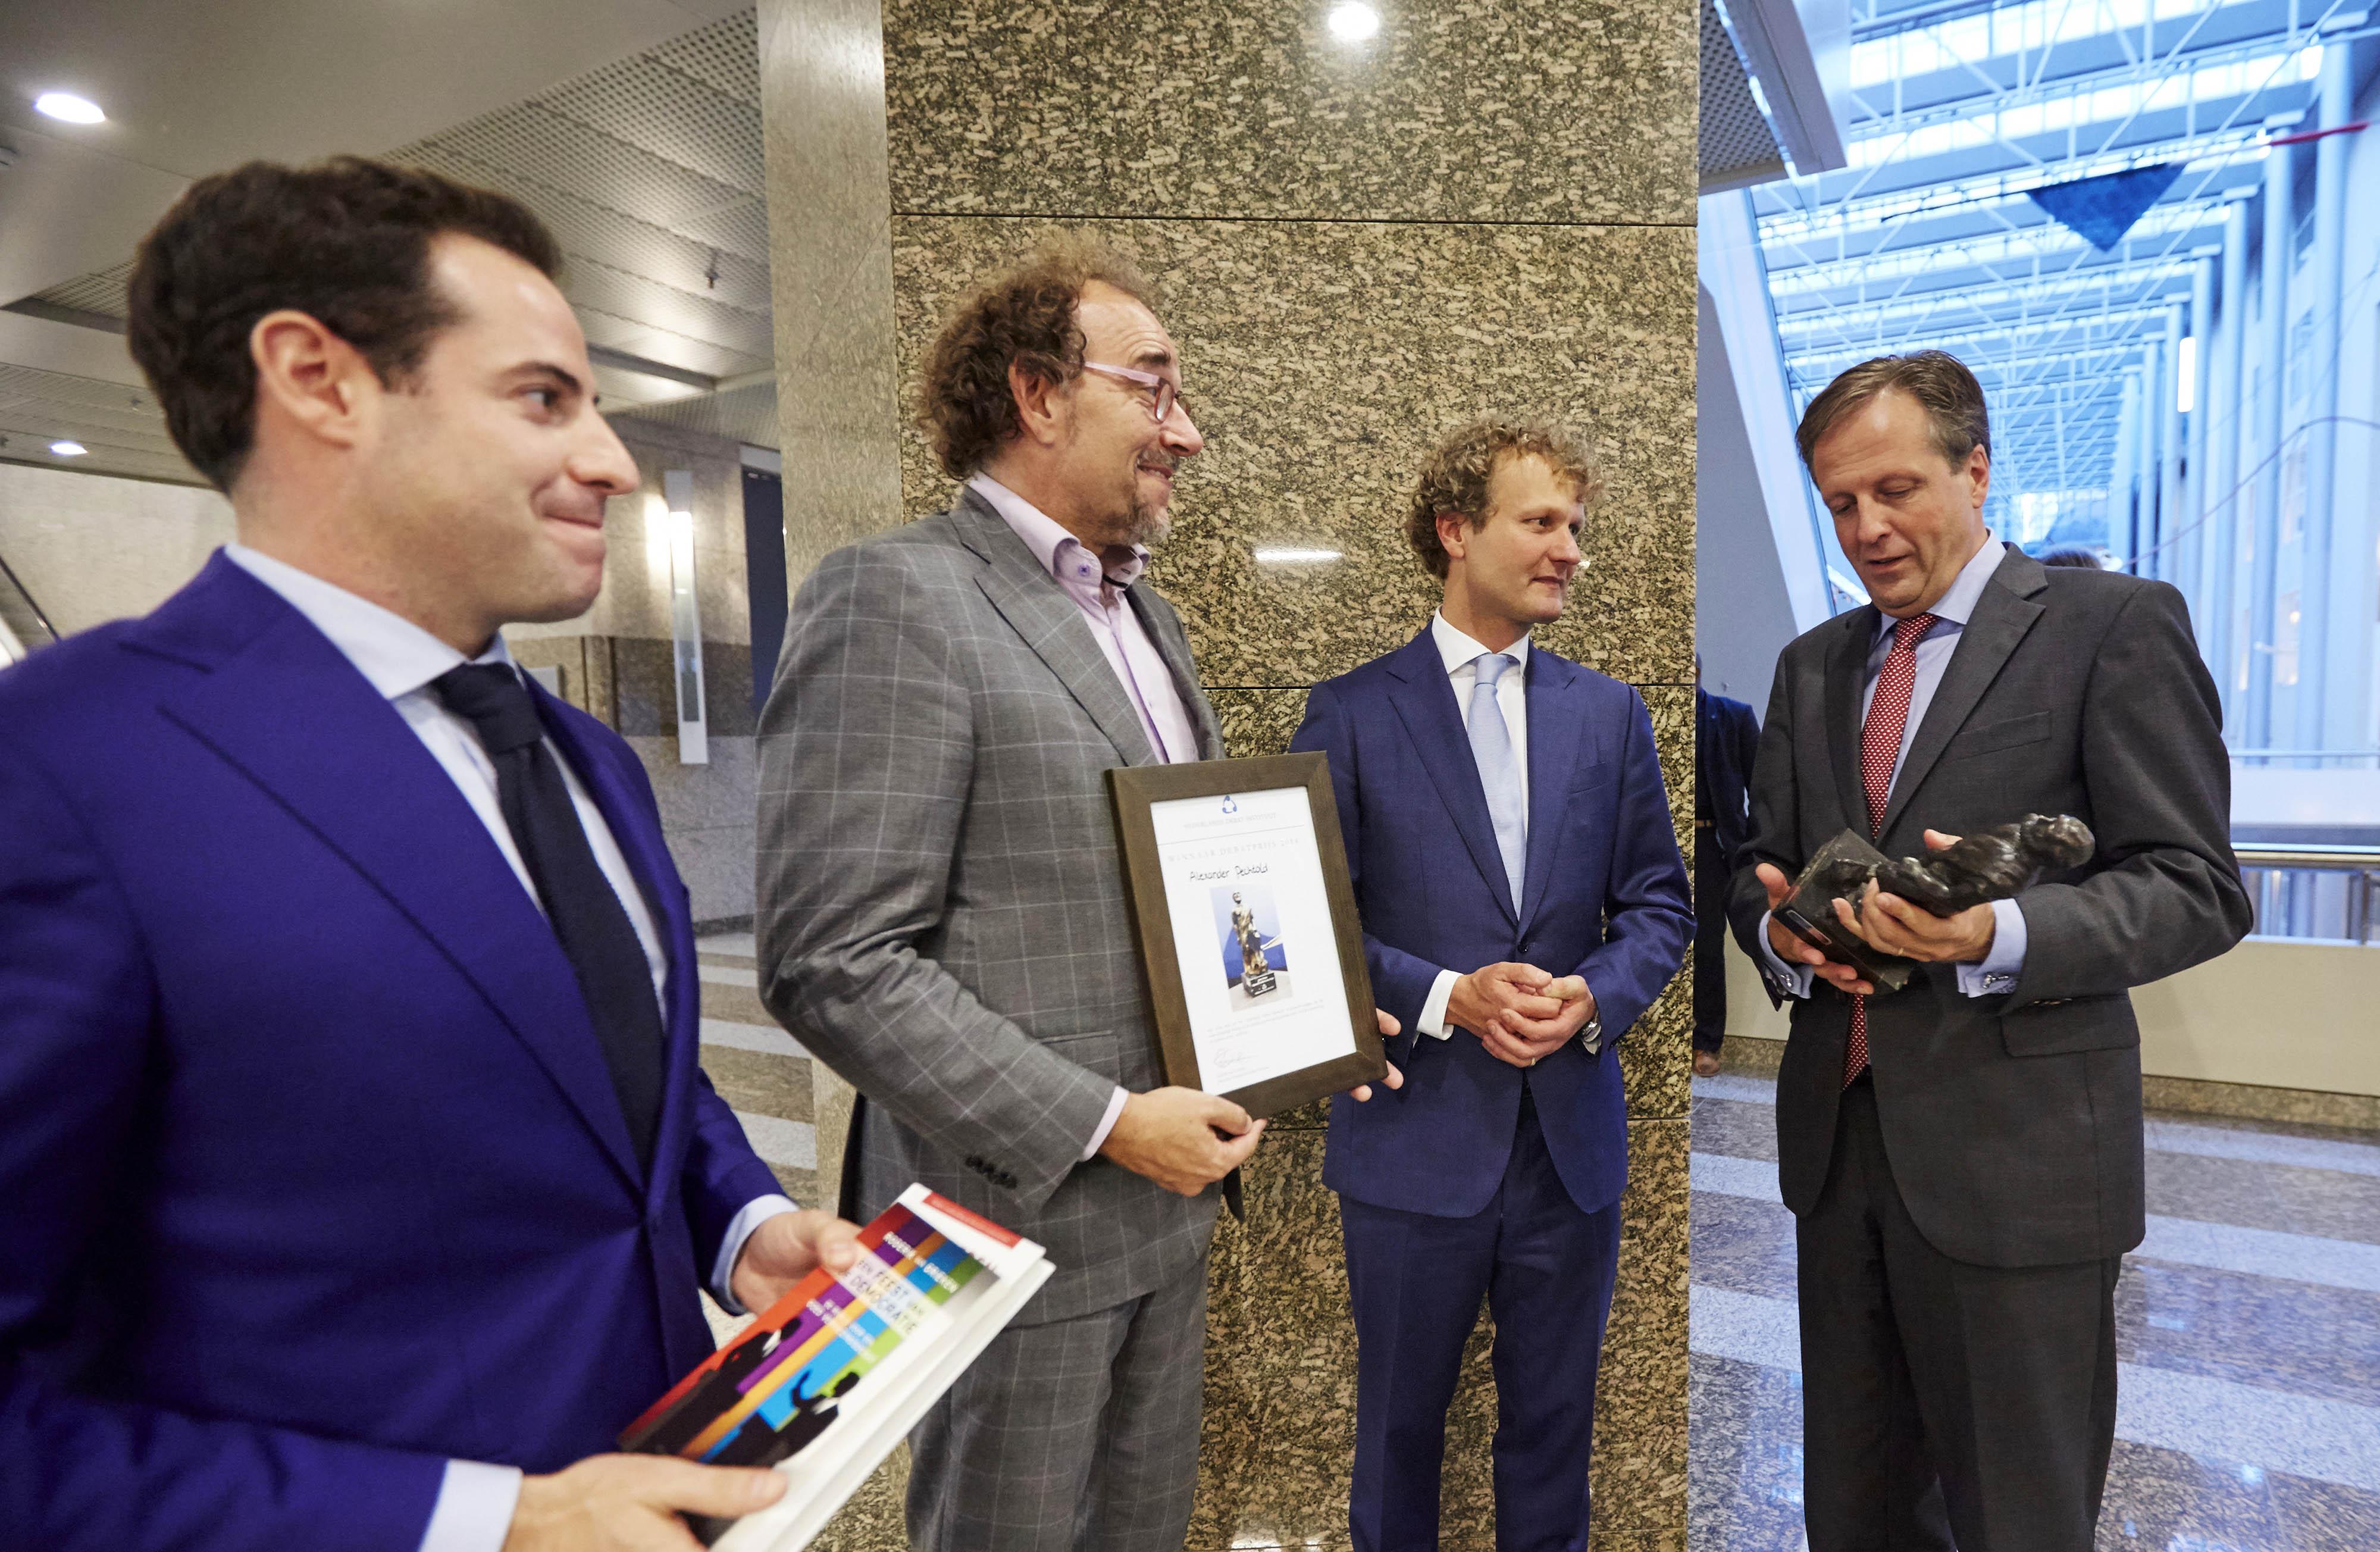 Pechtold wint de Debatprijs tijdens de Algemene Politieke Beschouwingen 2014